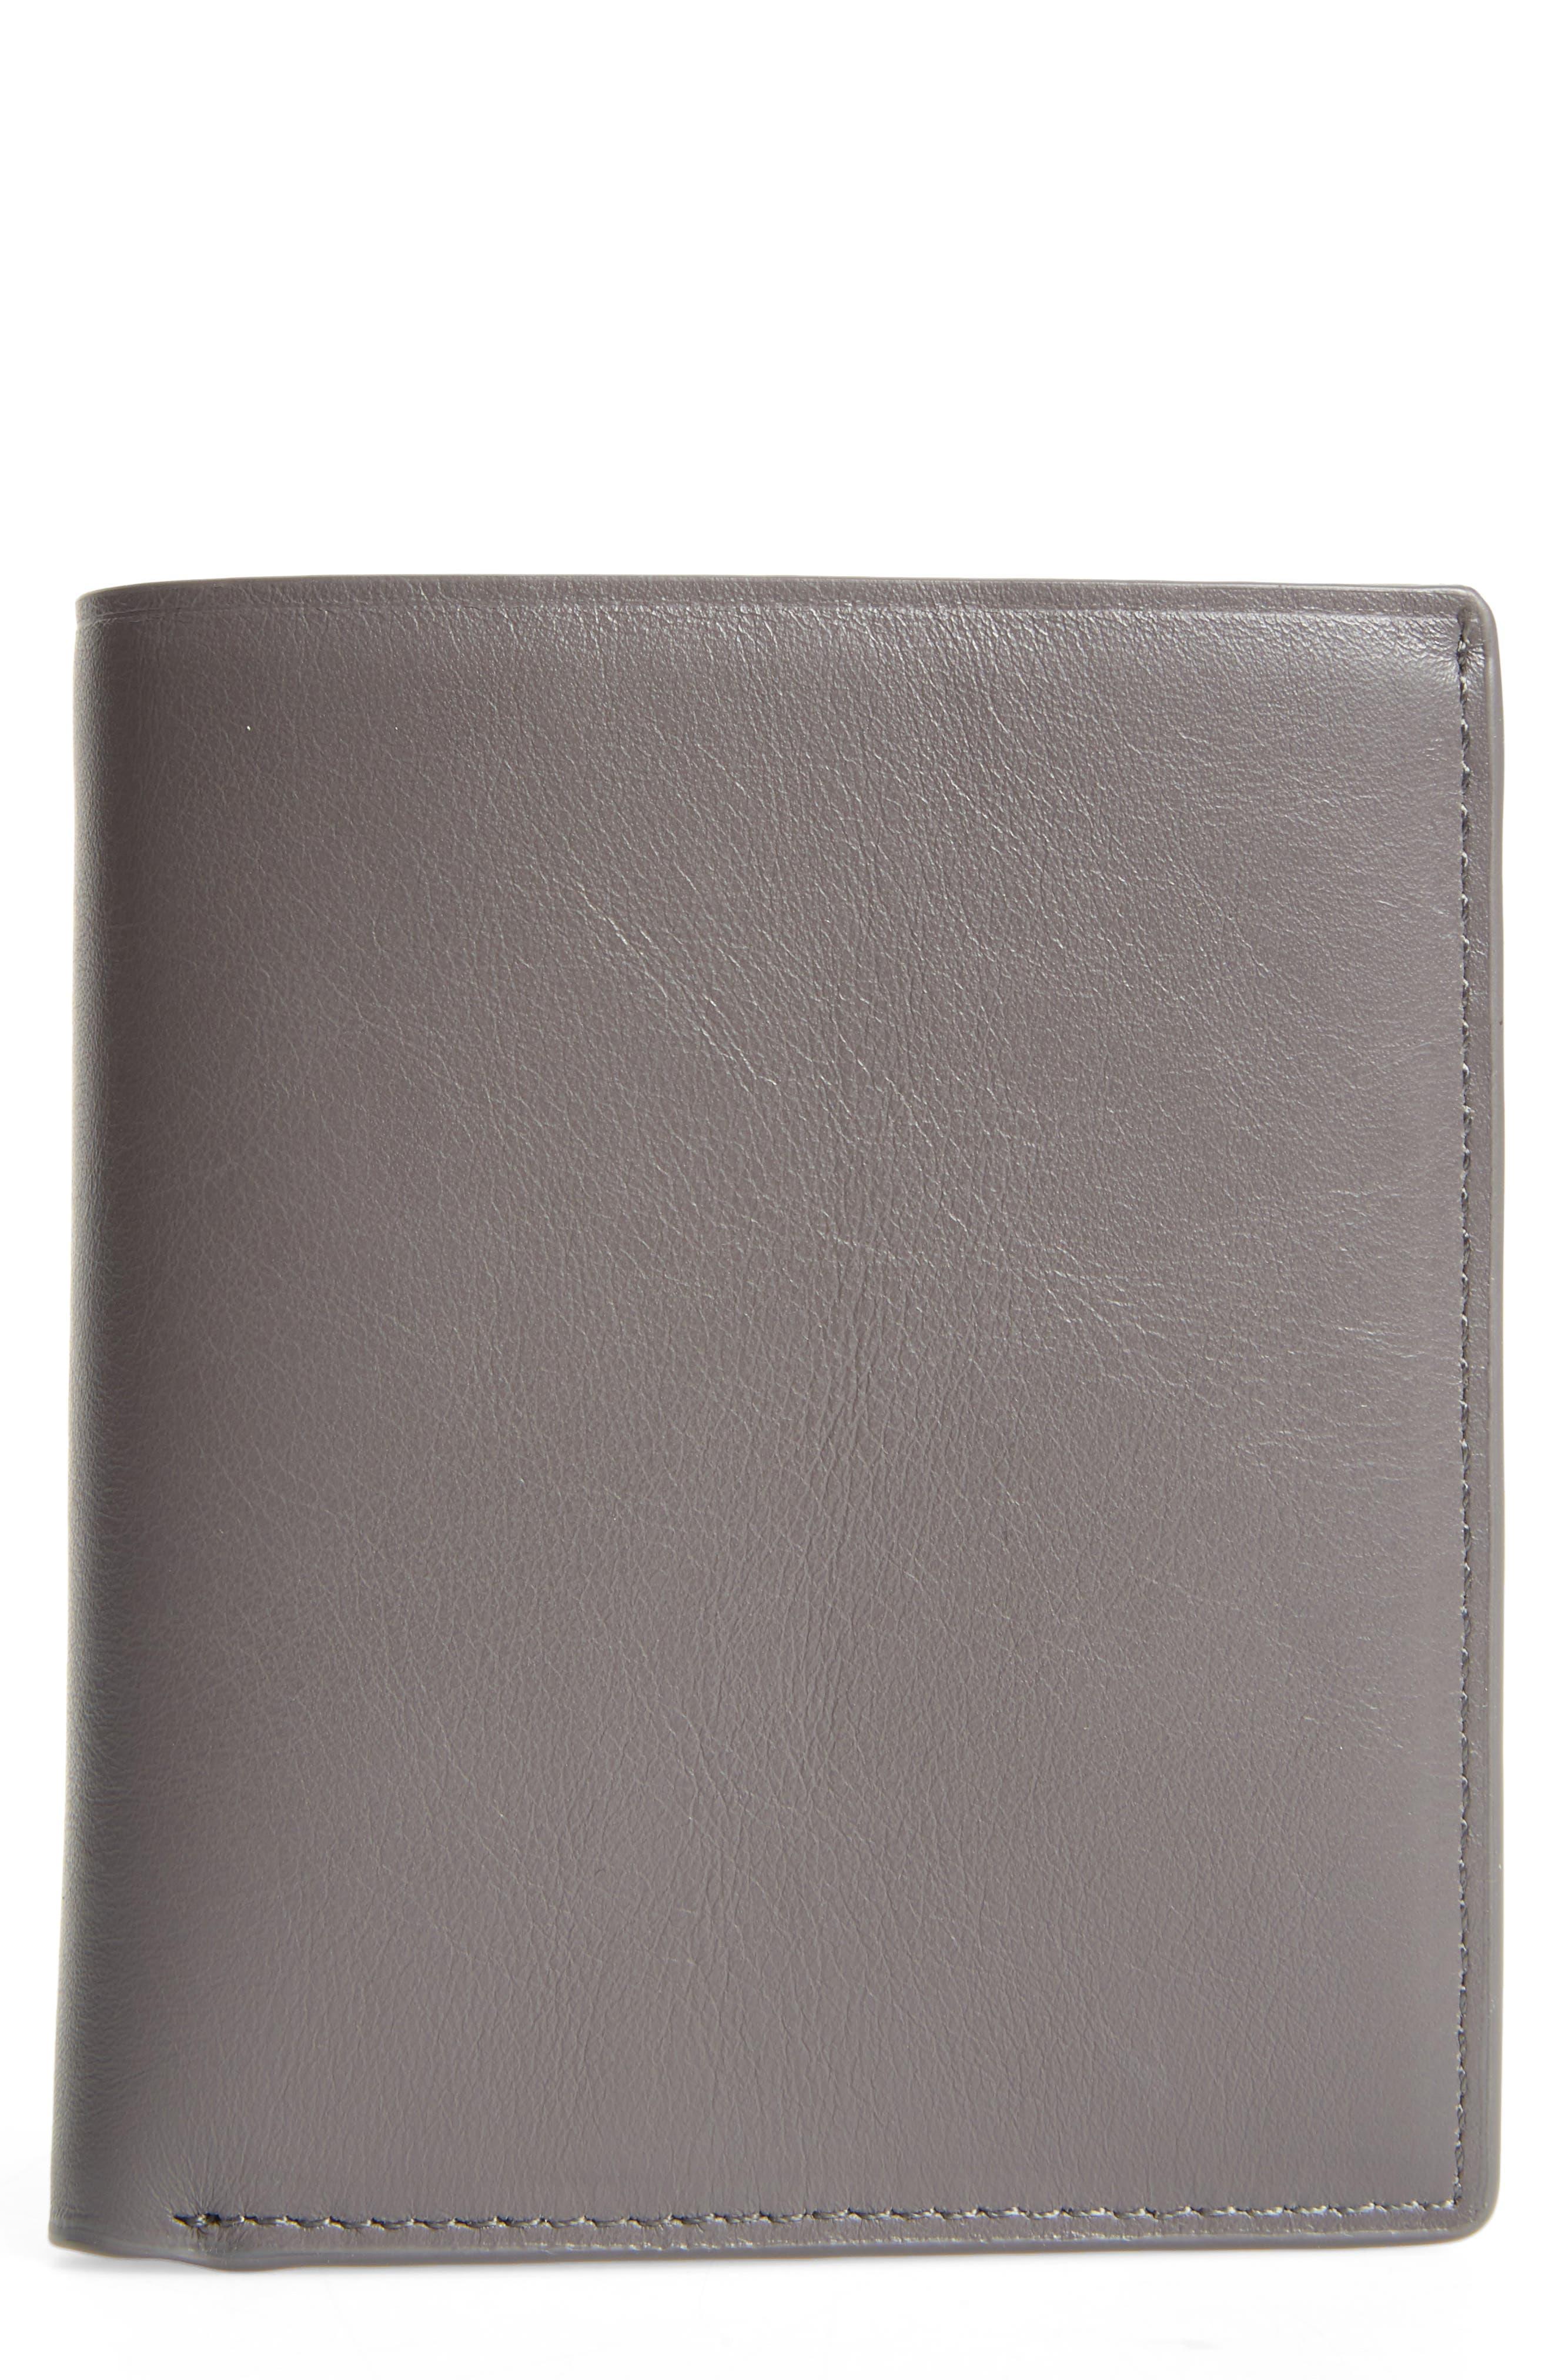 WANT LES ESSENTIELS Bradley Bifold Leather Wallet